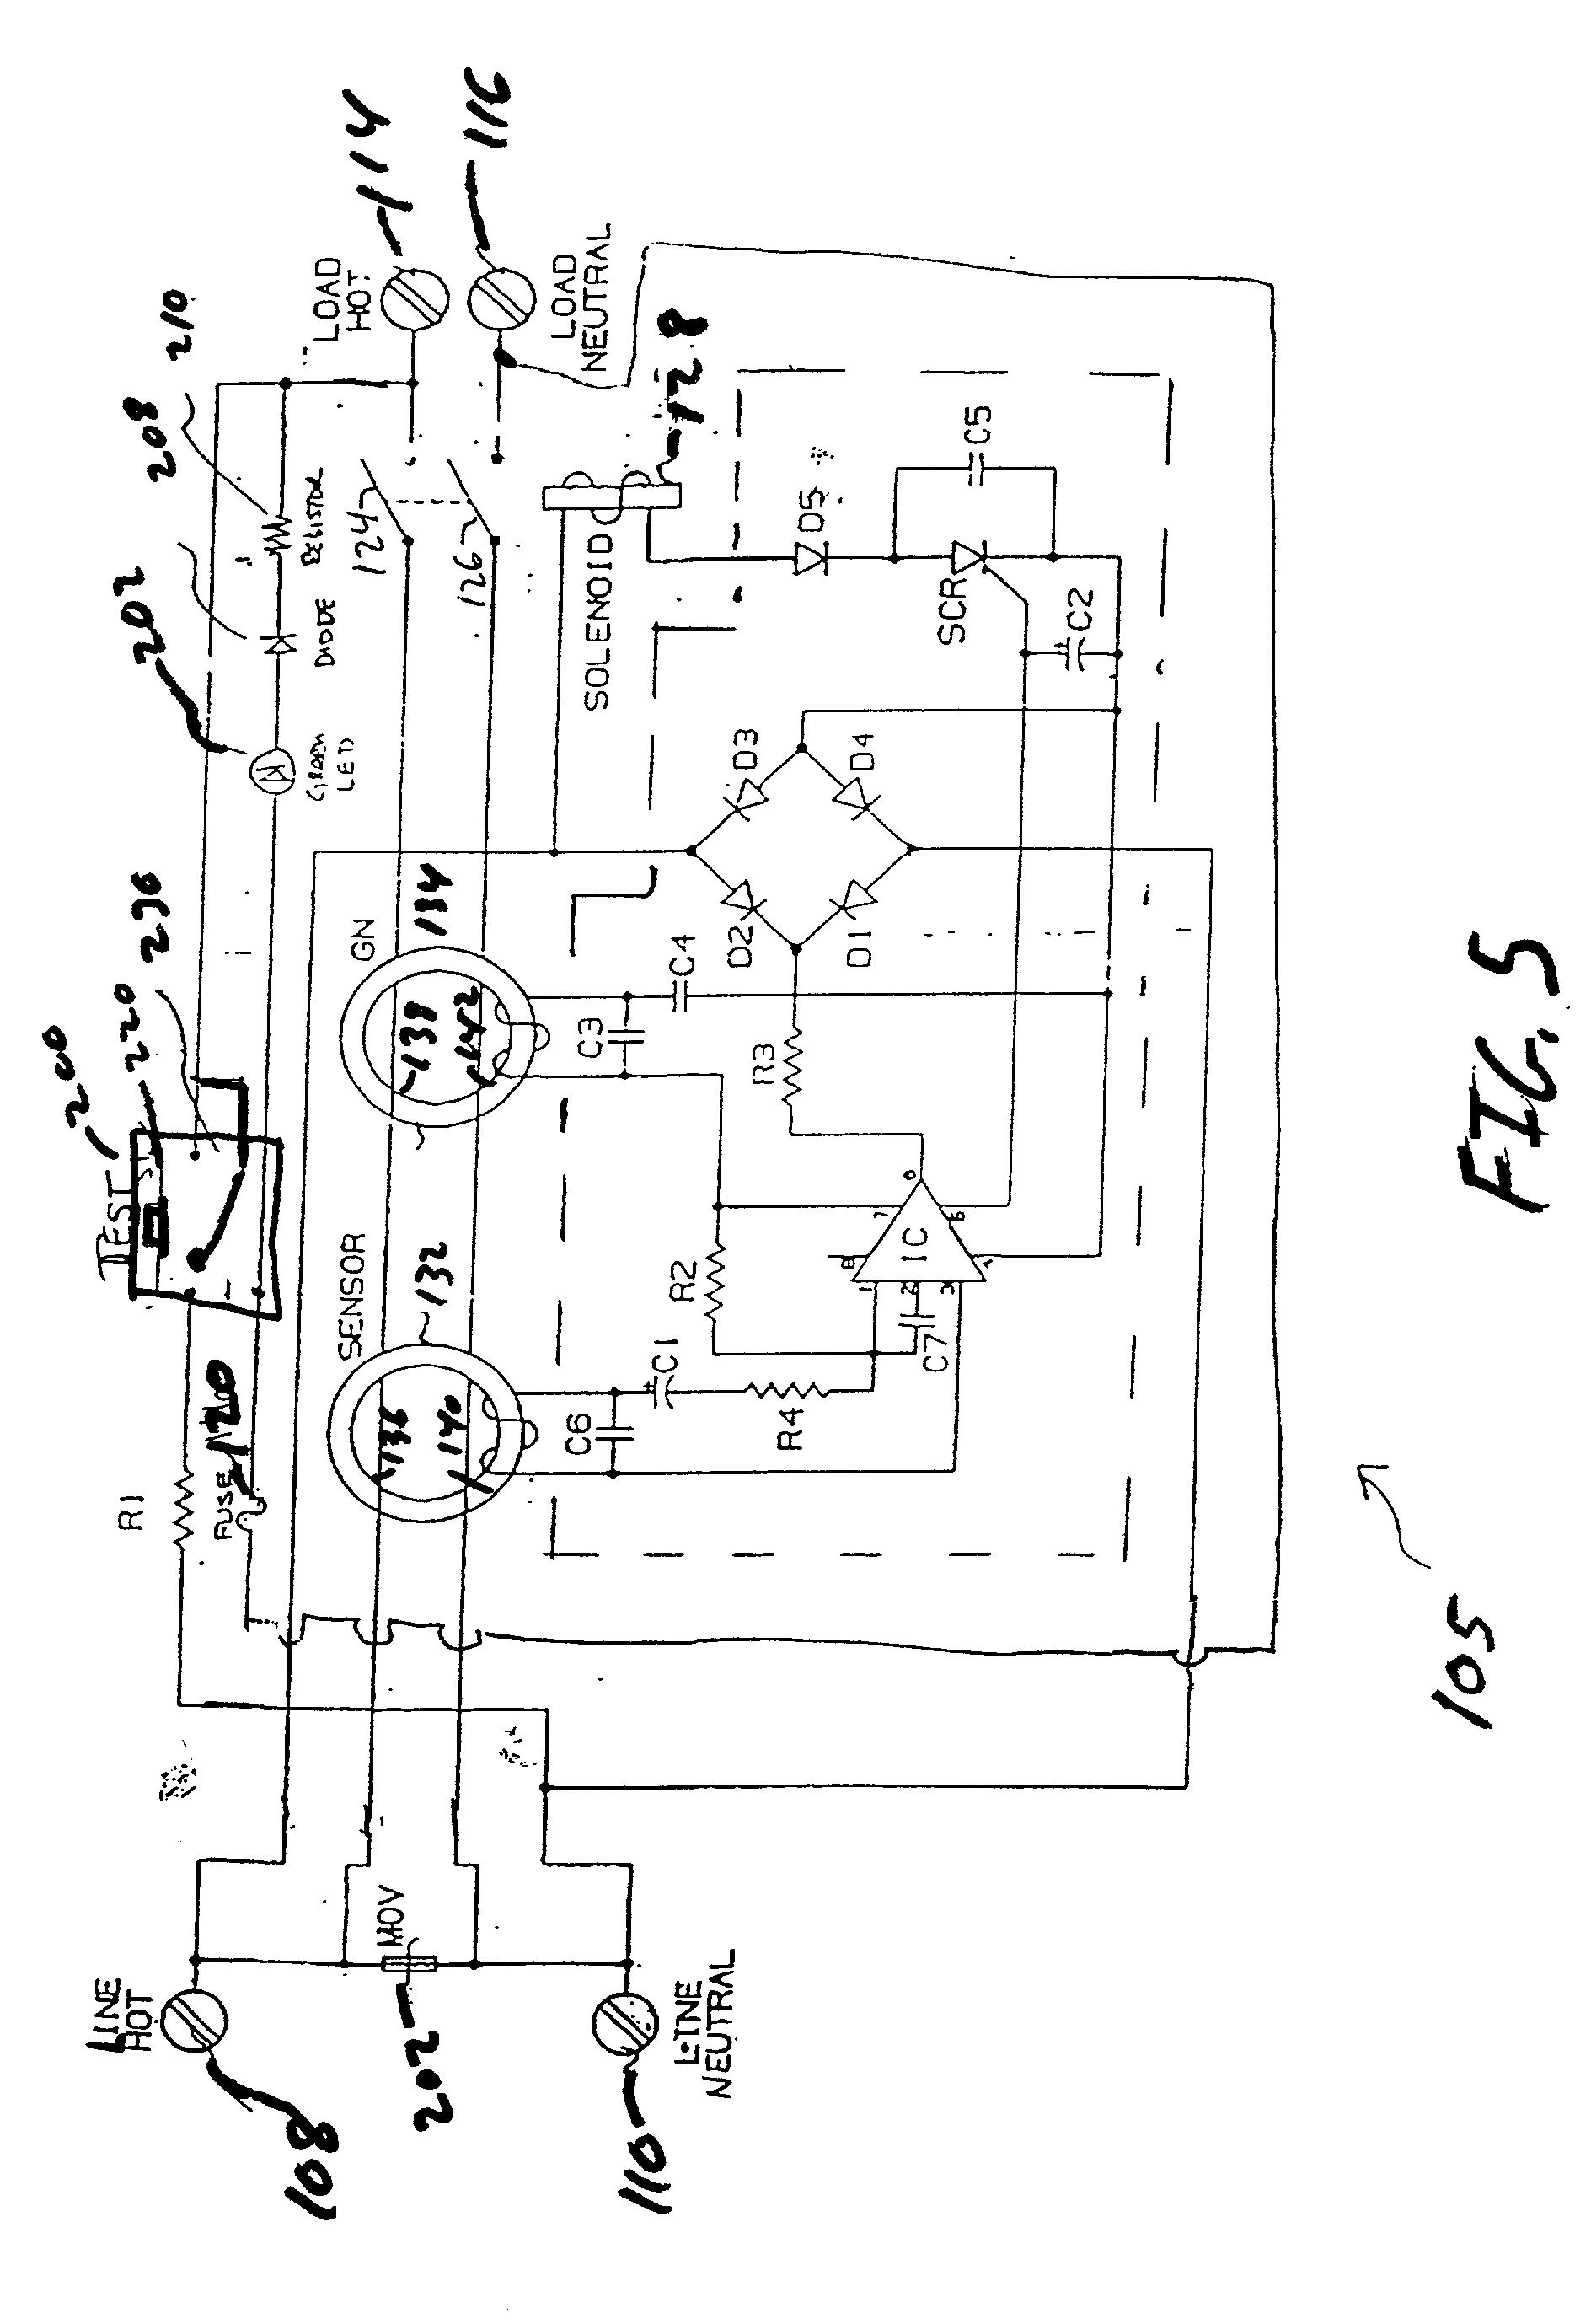 patent us20020145838